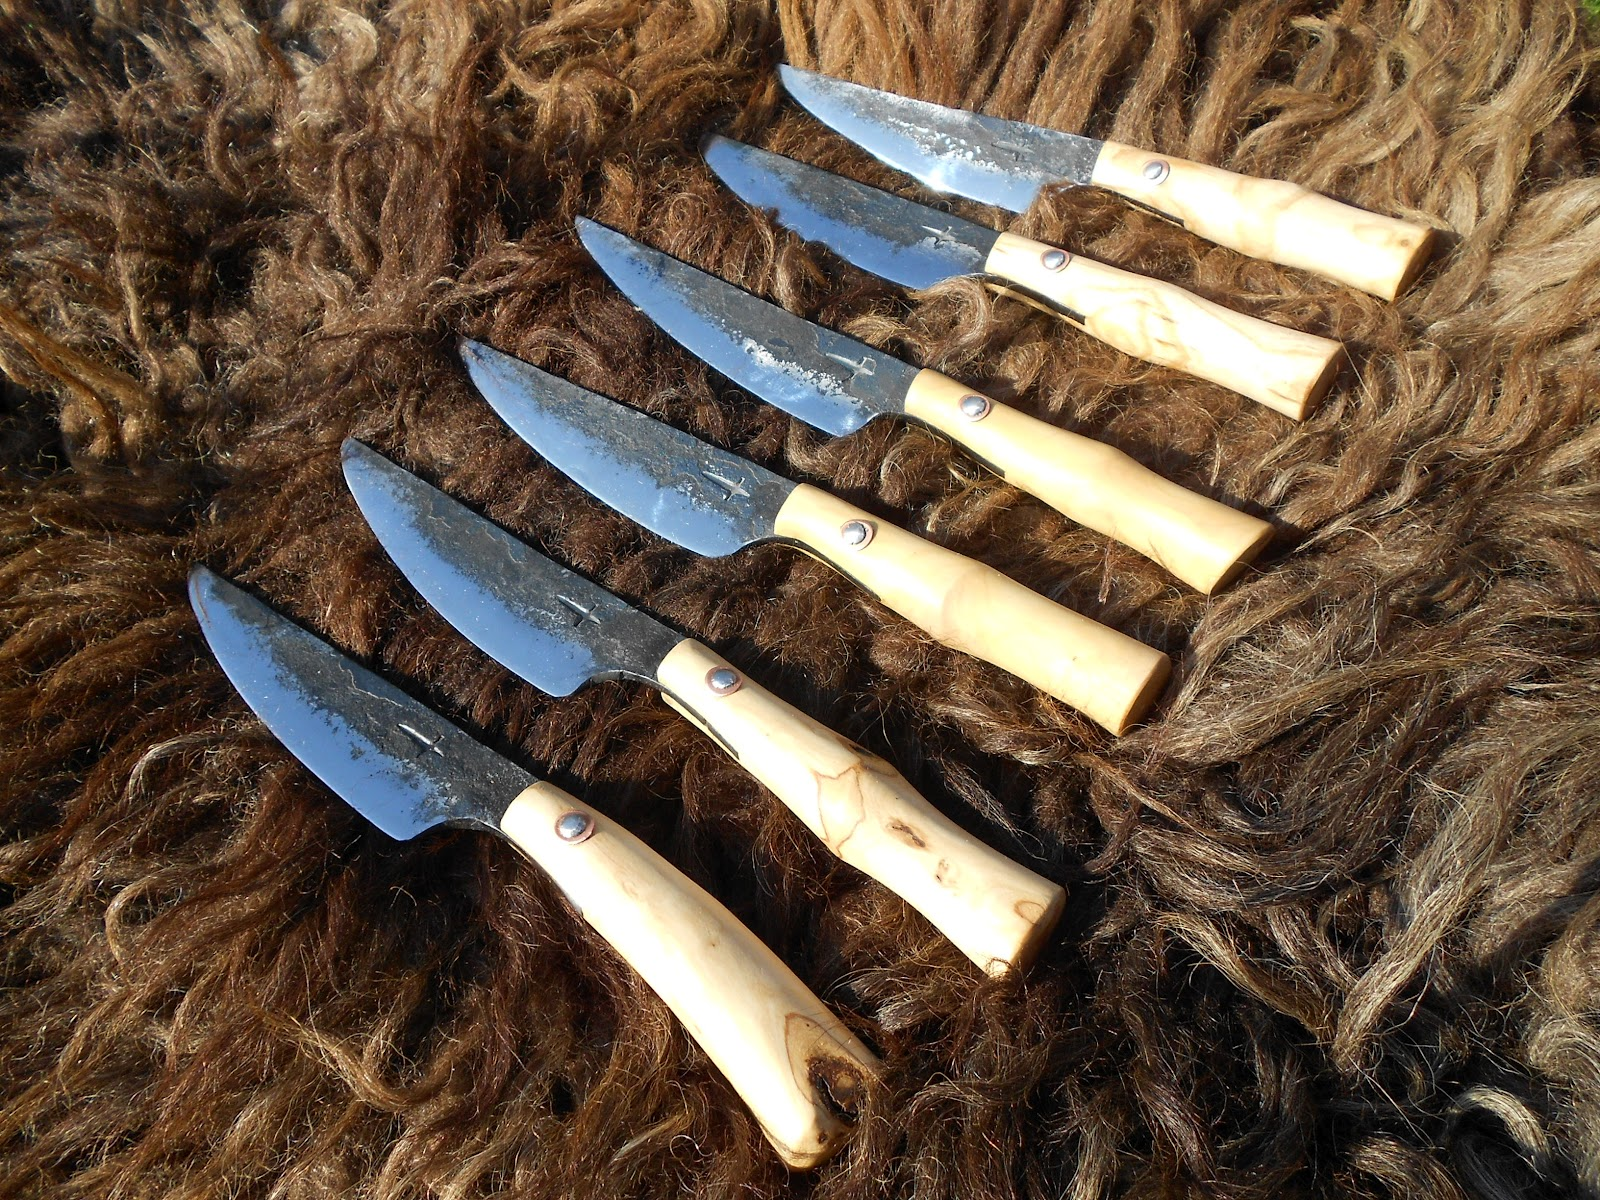 la forge de lebtryus service de couteaux viande. Black Bedroom Furniture Sets. Home Design Ideas